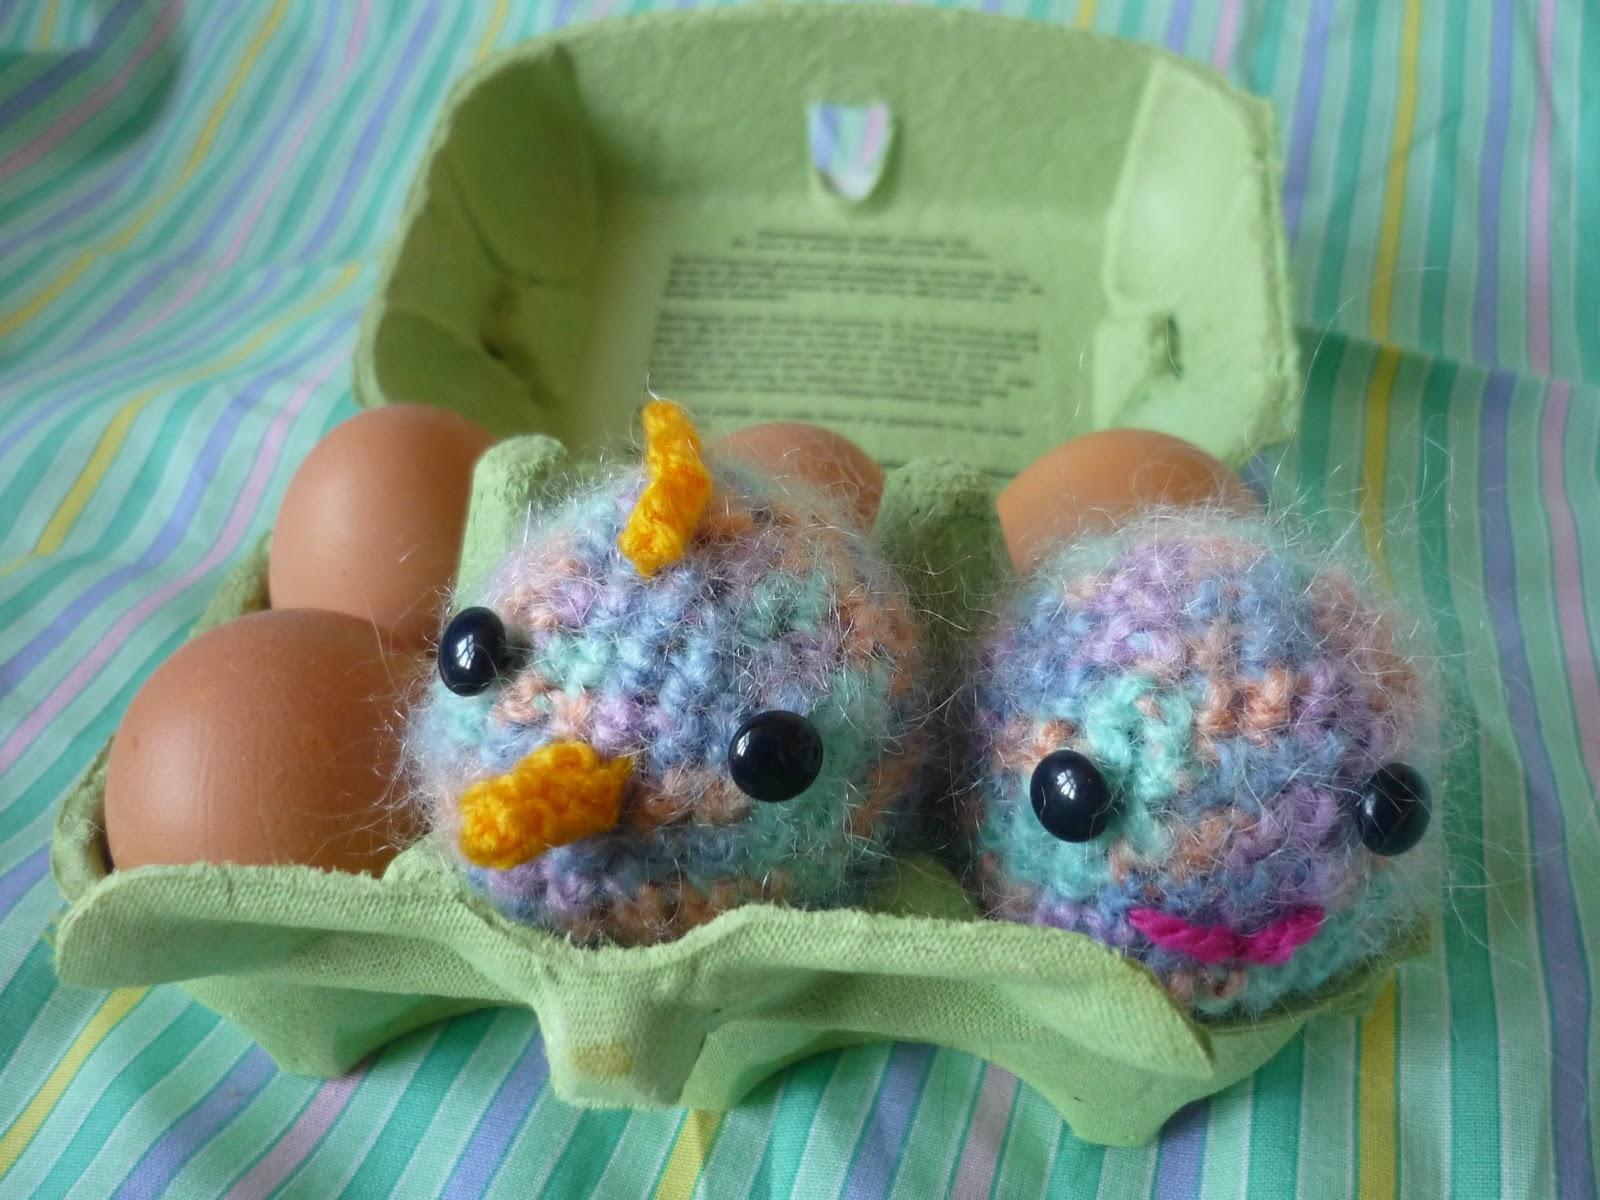 Tussen Haakjes De Kip En Het Ei